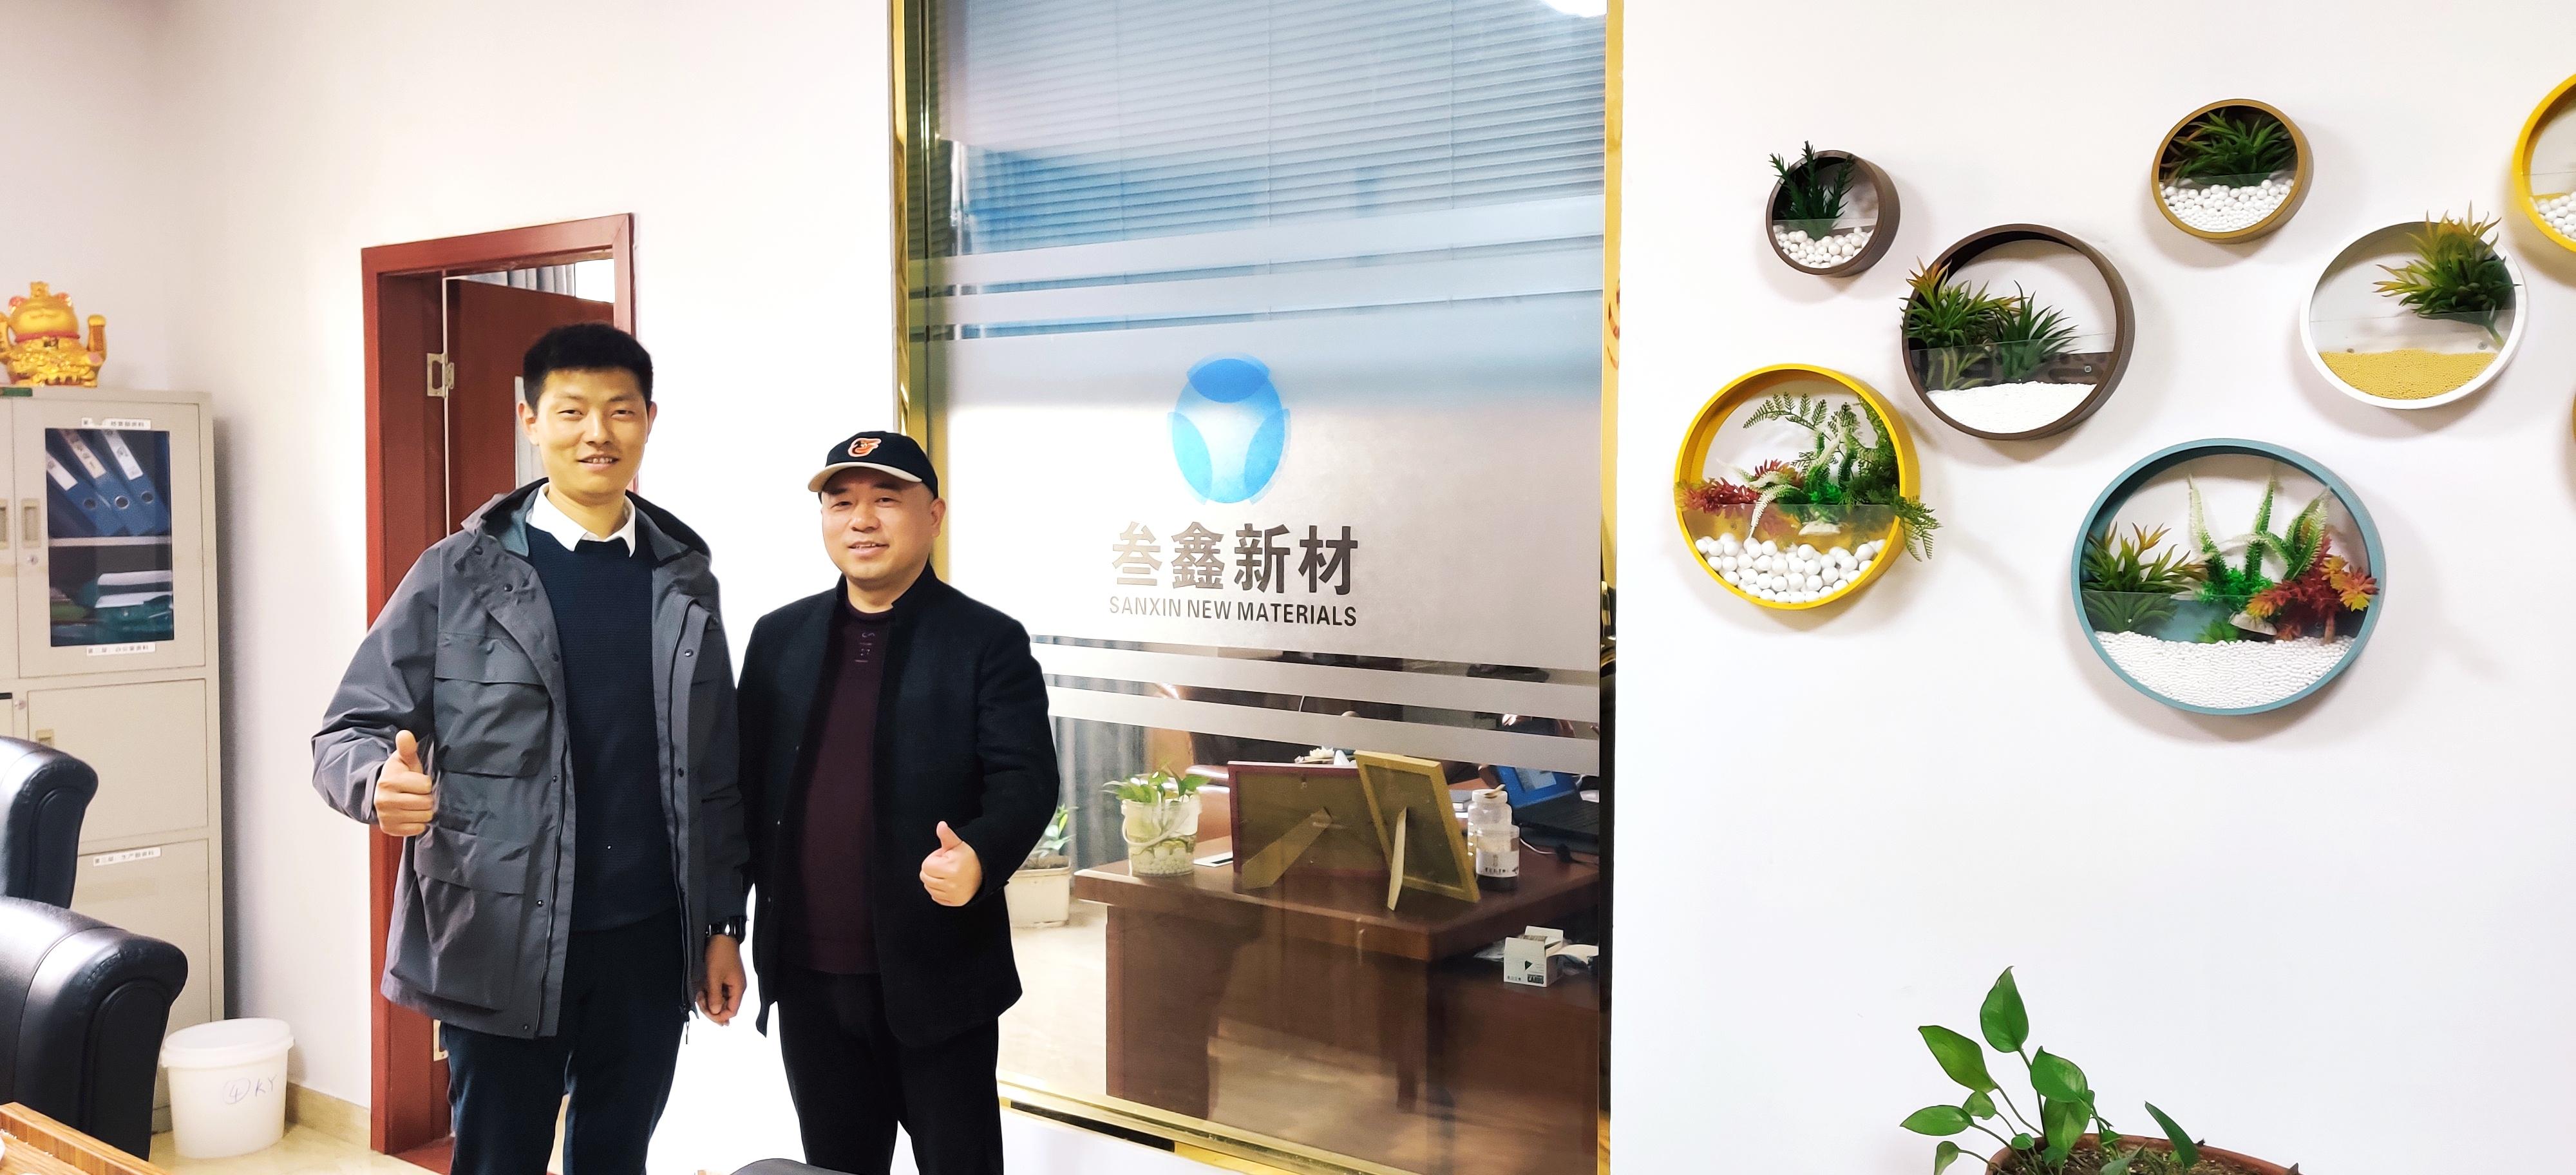 近日,磨库广东分公司的负责人杨阳来到了江西省叁鑫新材料有限公司